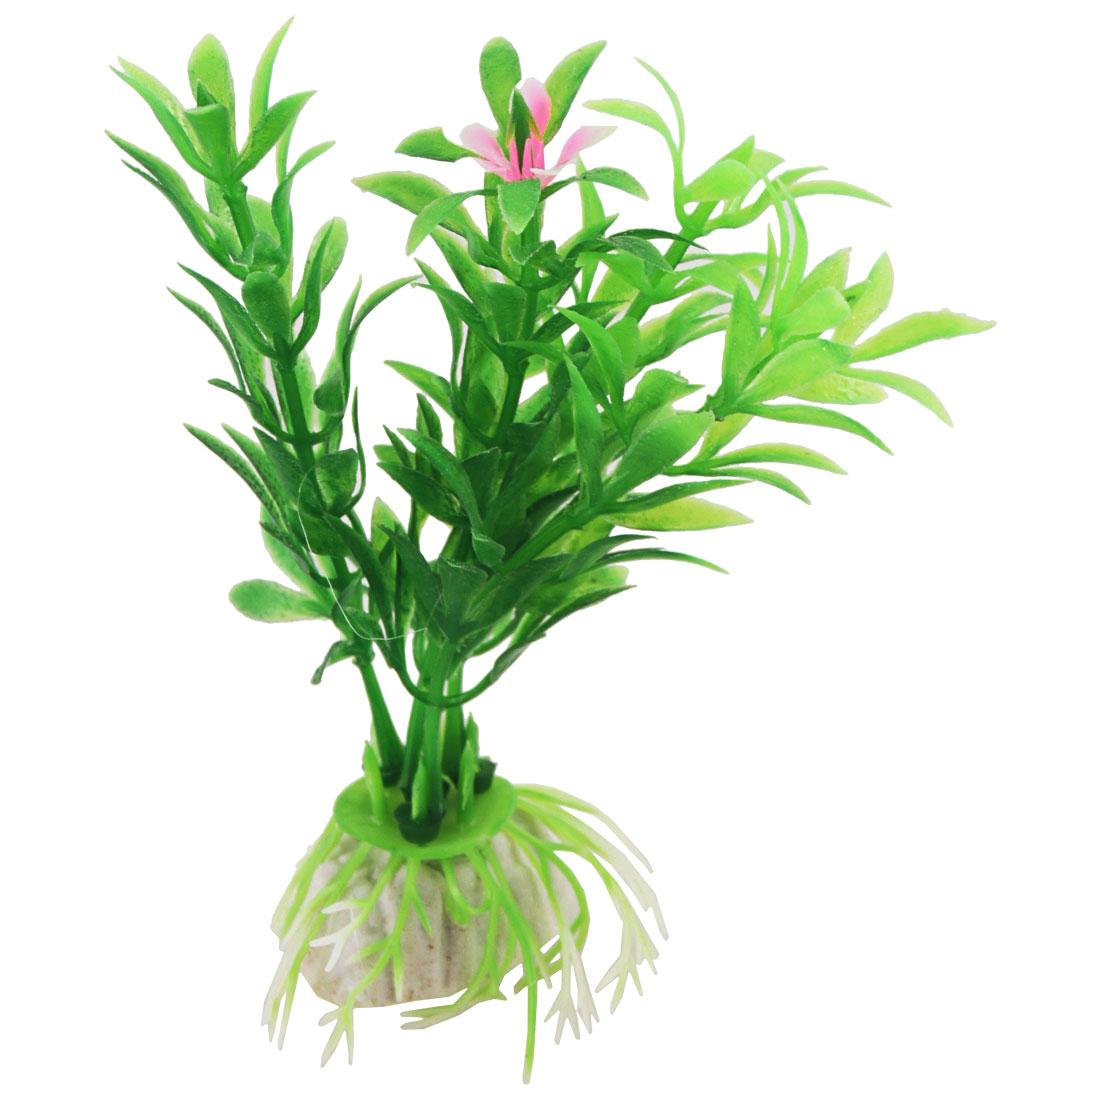 Aquarium Plastic Pink Flower Accent Green Aquatic Plants Decor 10 Pcs